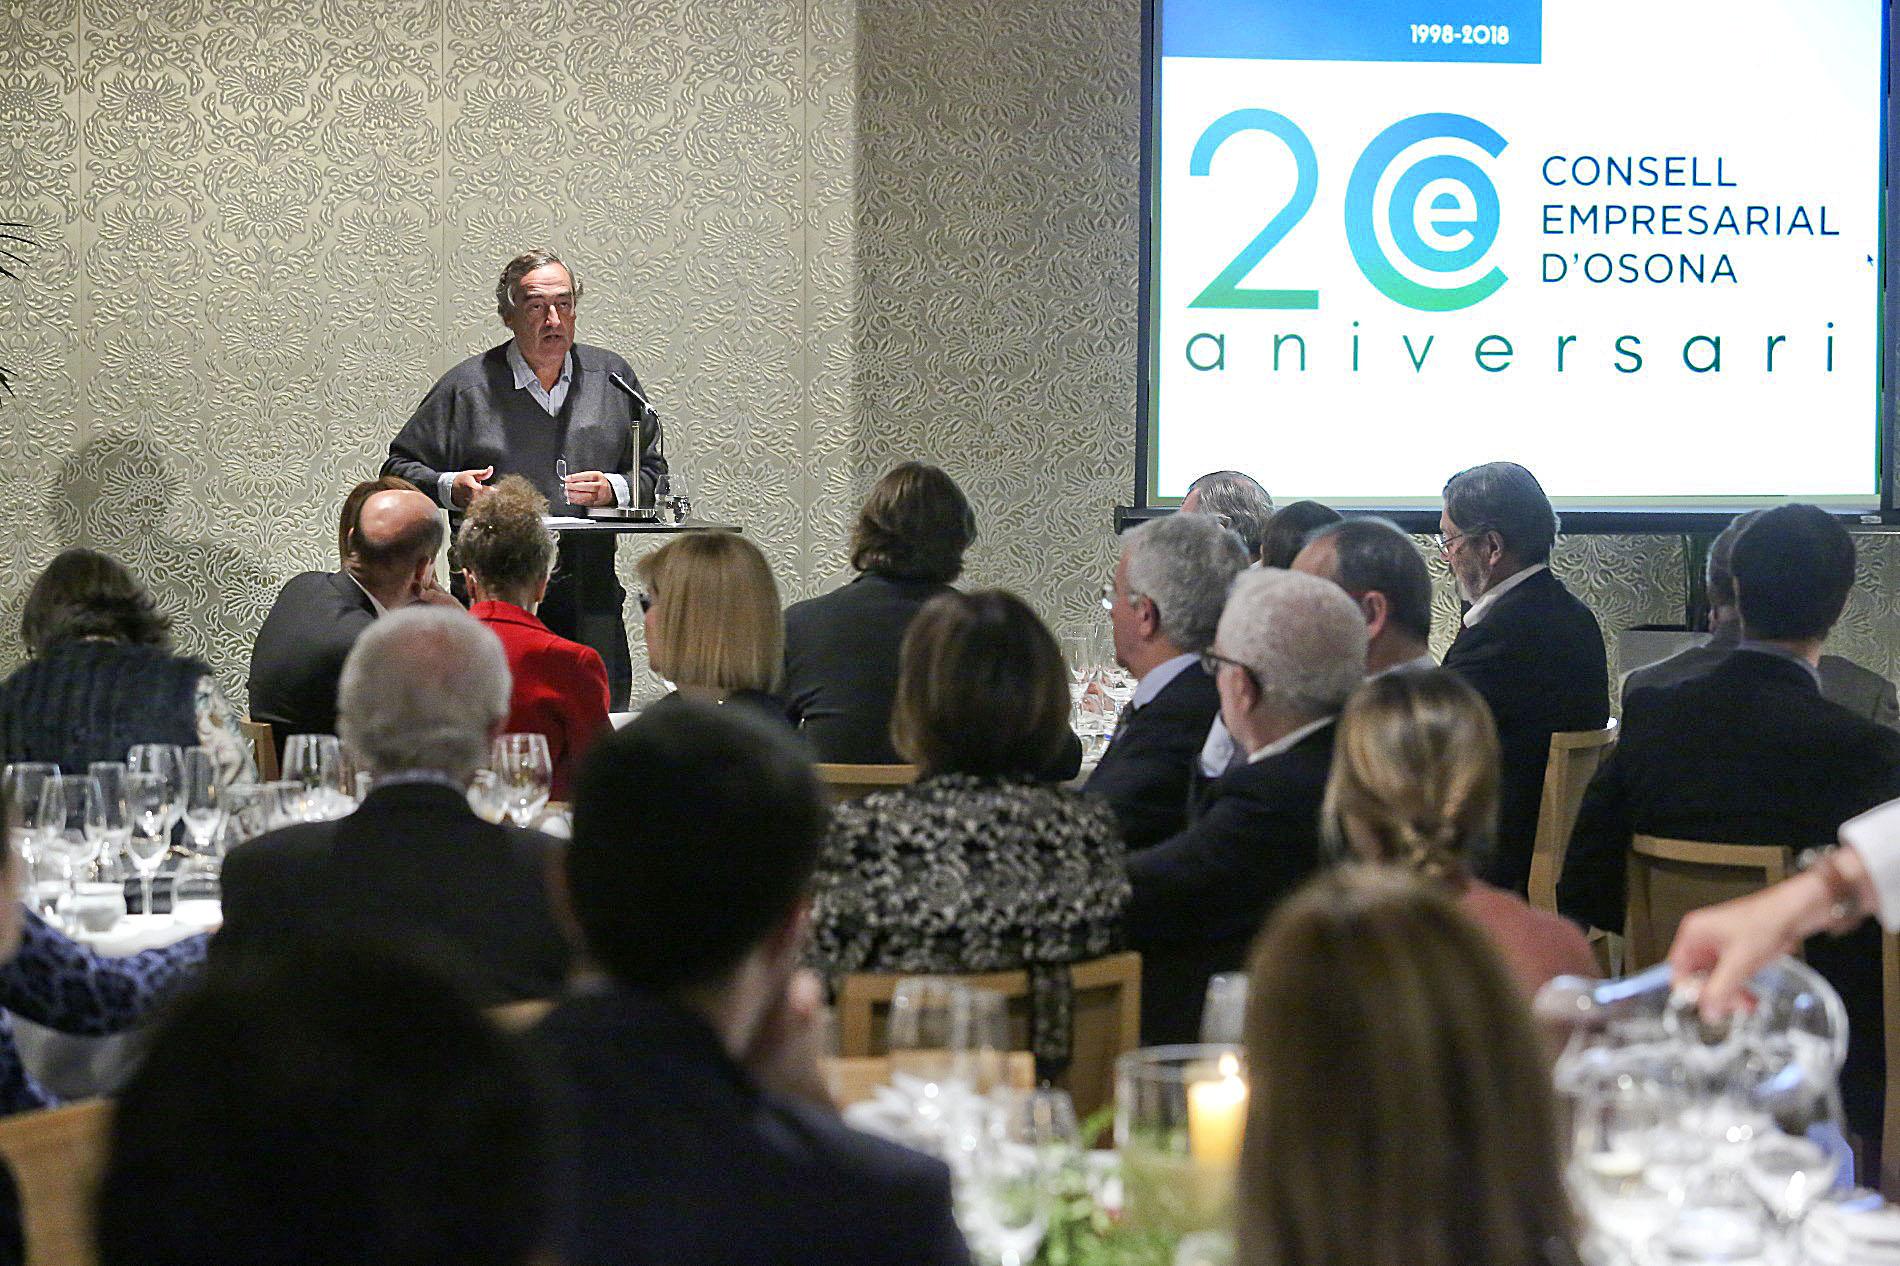 Joan Rosell va fer la conferència del Consell Empresarial d'Osona d'aquest any